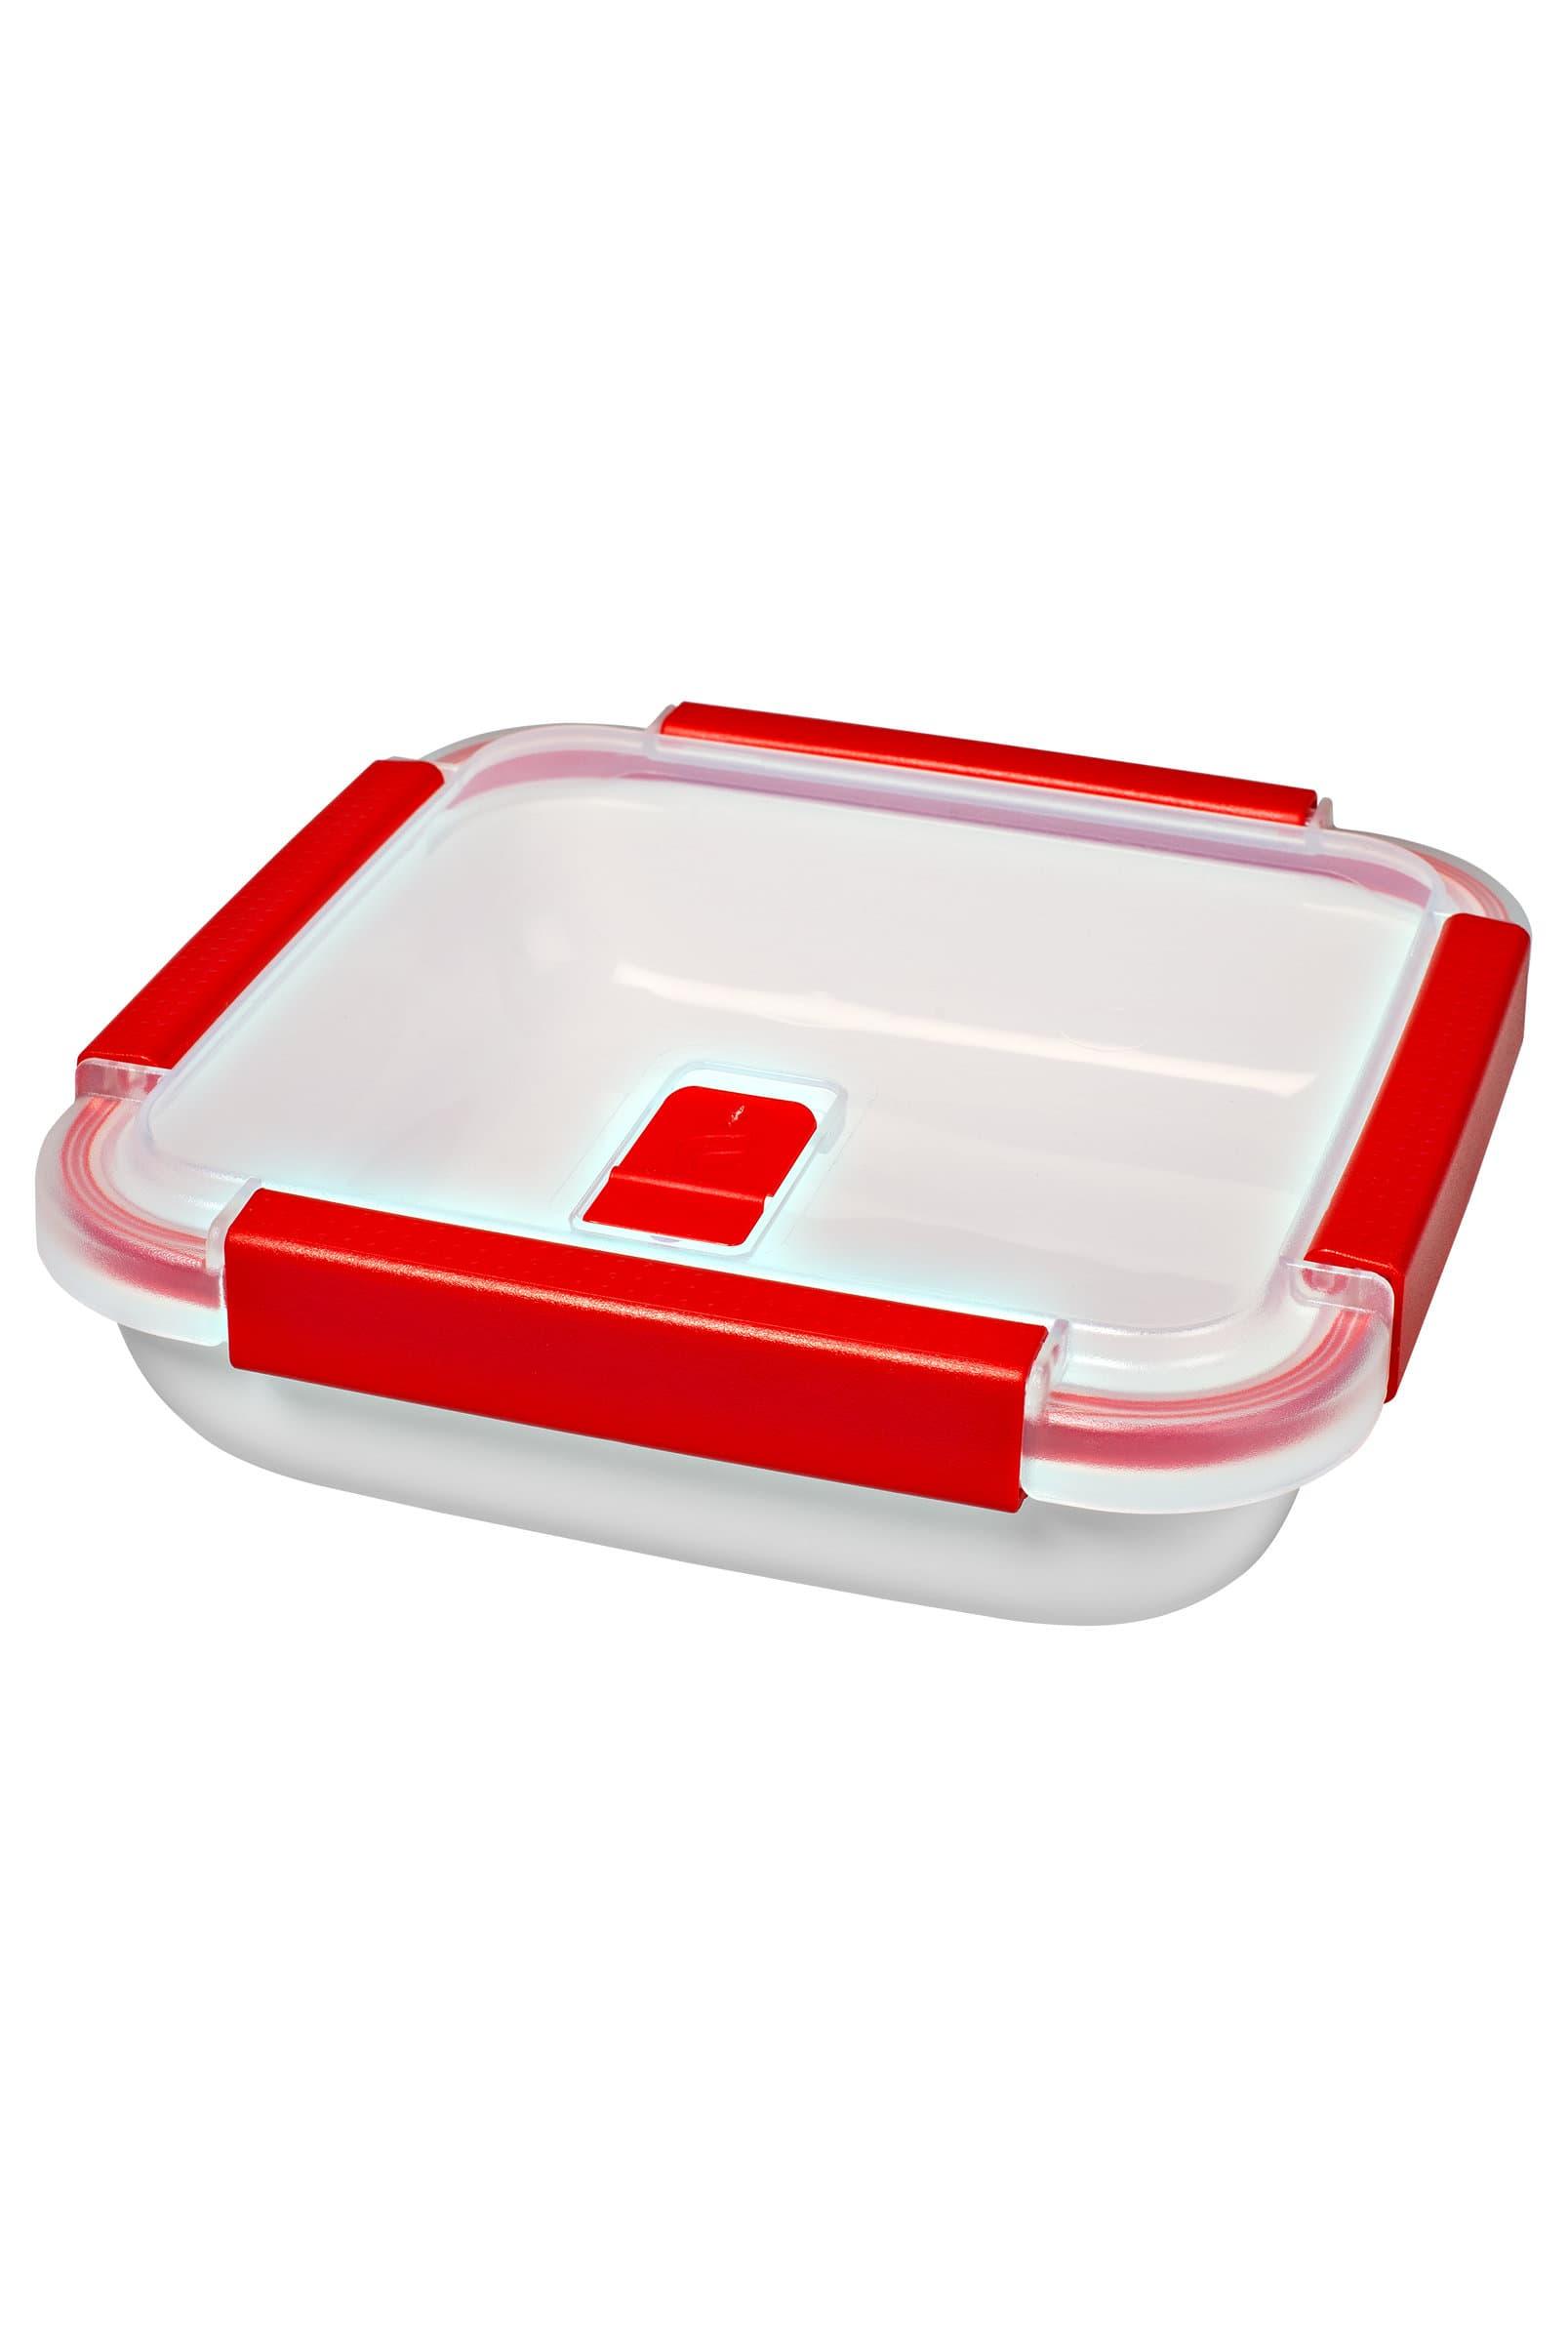 M-Topline MICRO Snackbox 1.1L Snackbox 1,1 l